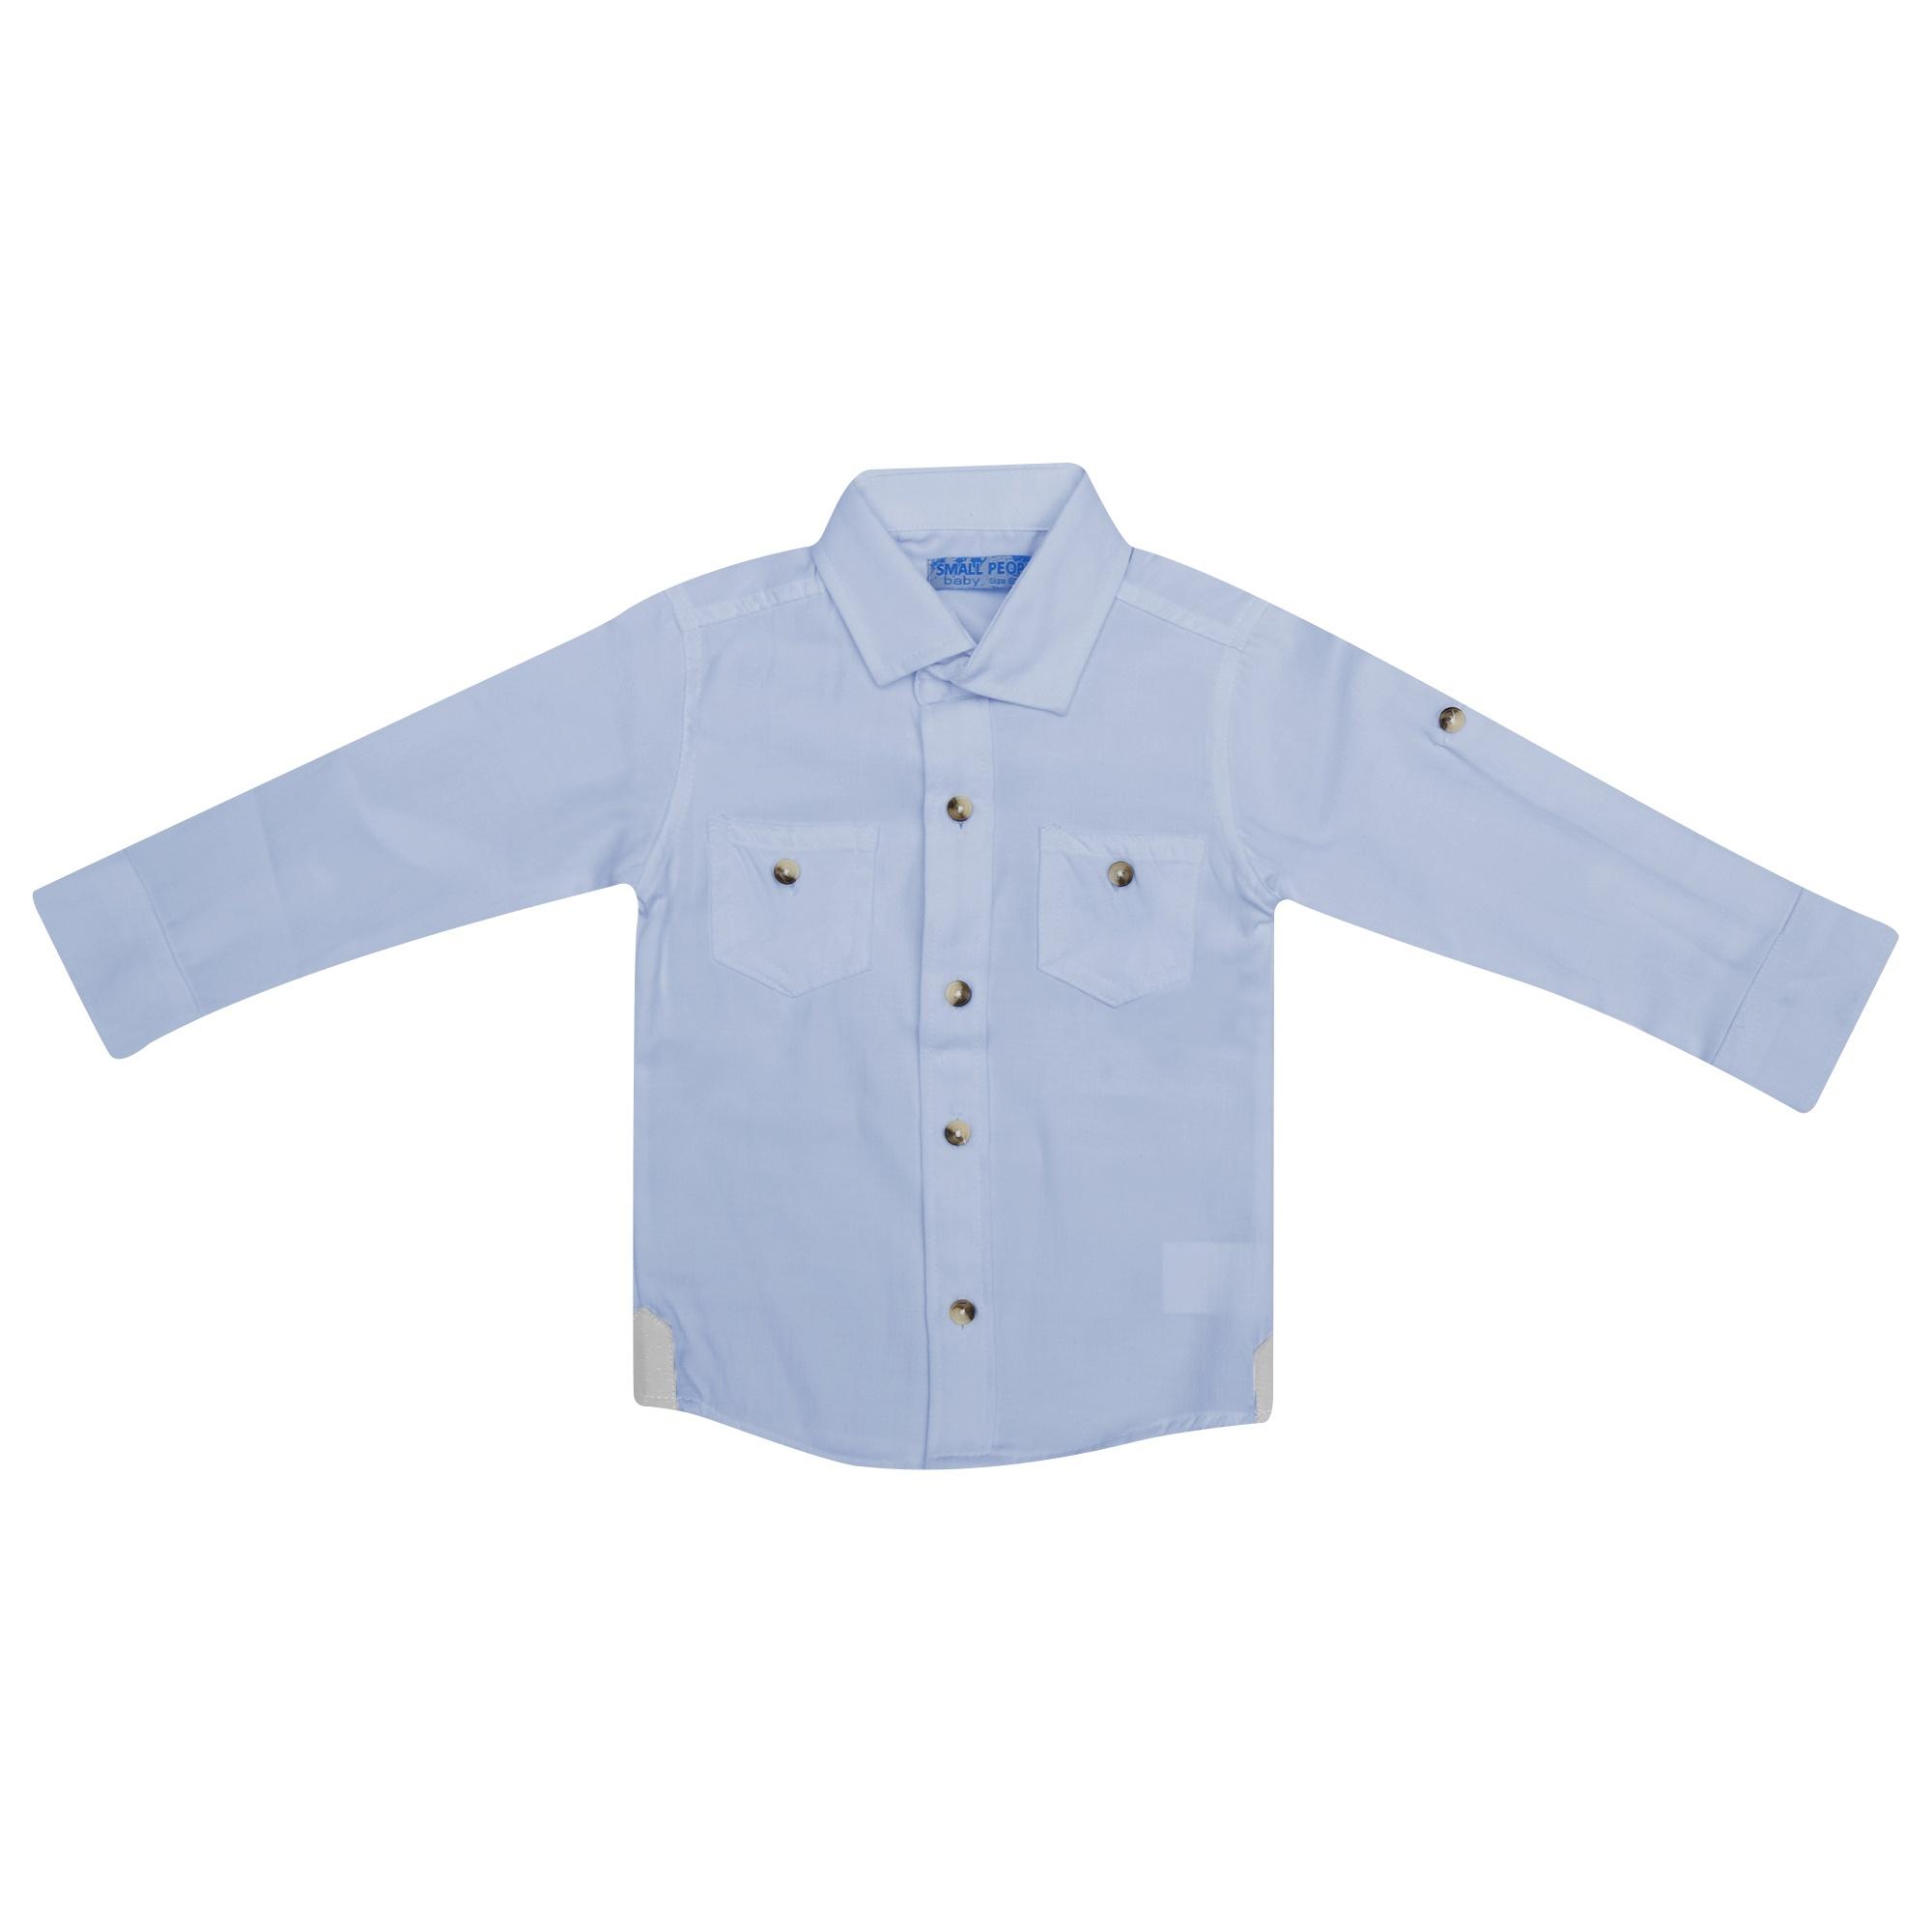 پیراهن پسرانه اسمال پیپل کد M-450